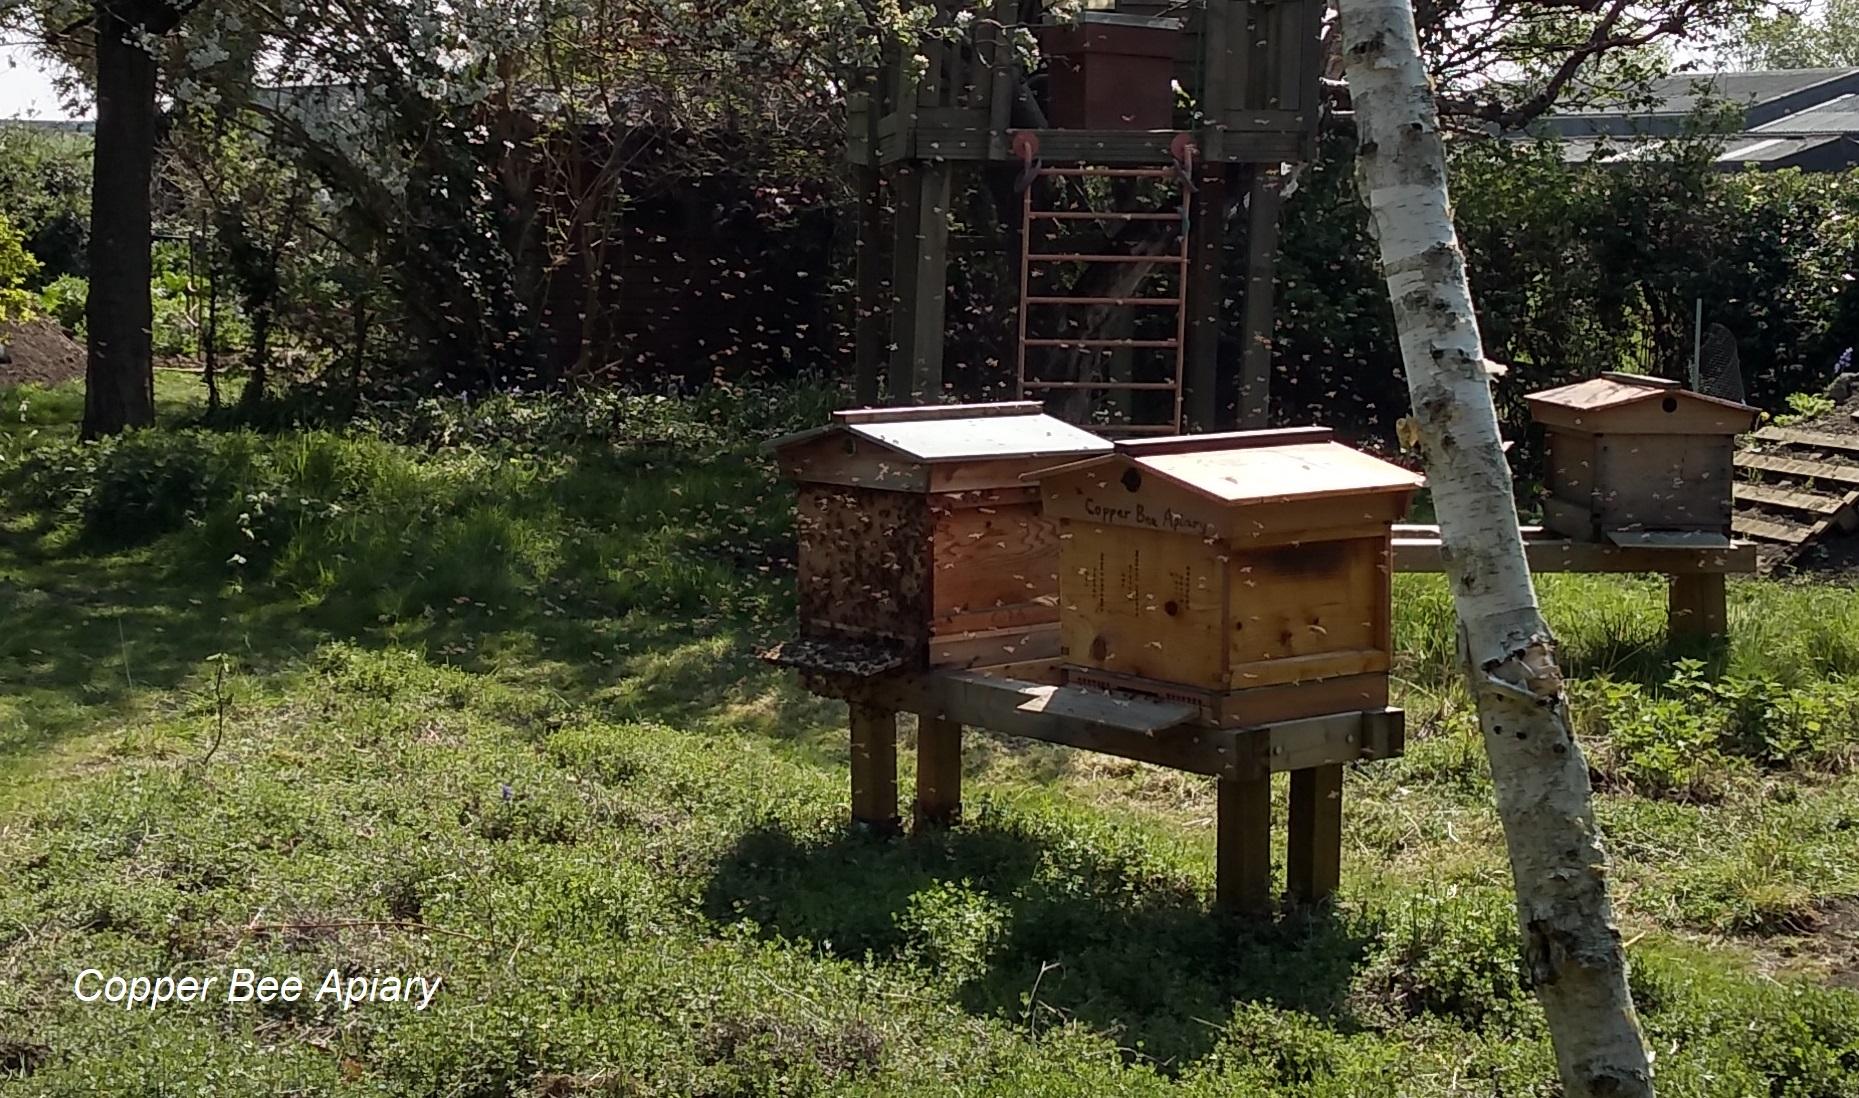 Queen Peony's bees